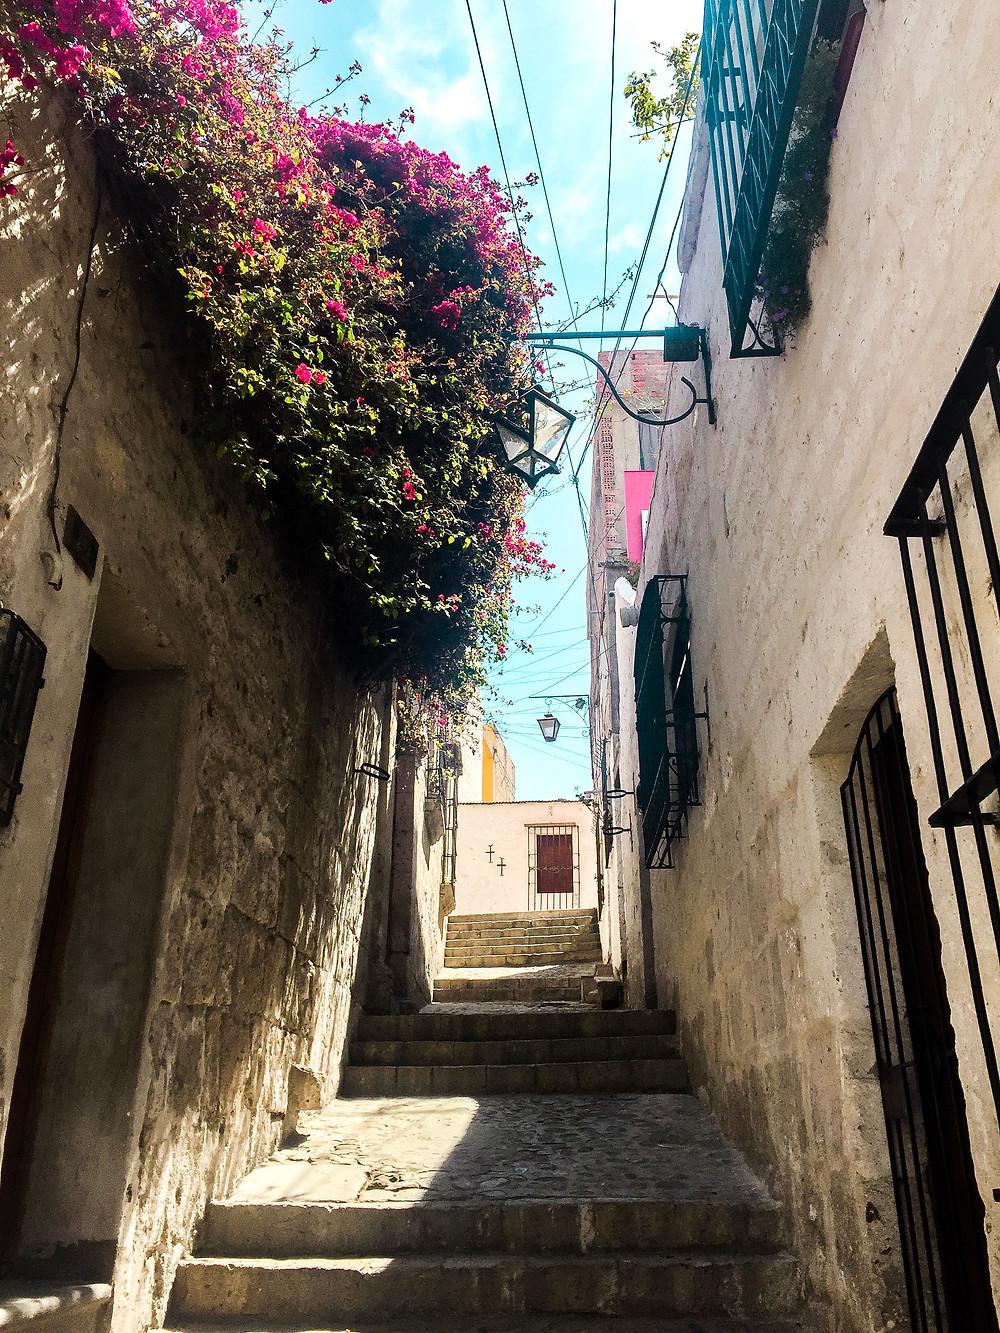 ruelle dans le quartier de Yanahuara à Arequipa au Pérou